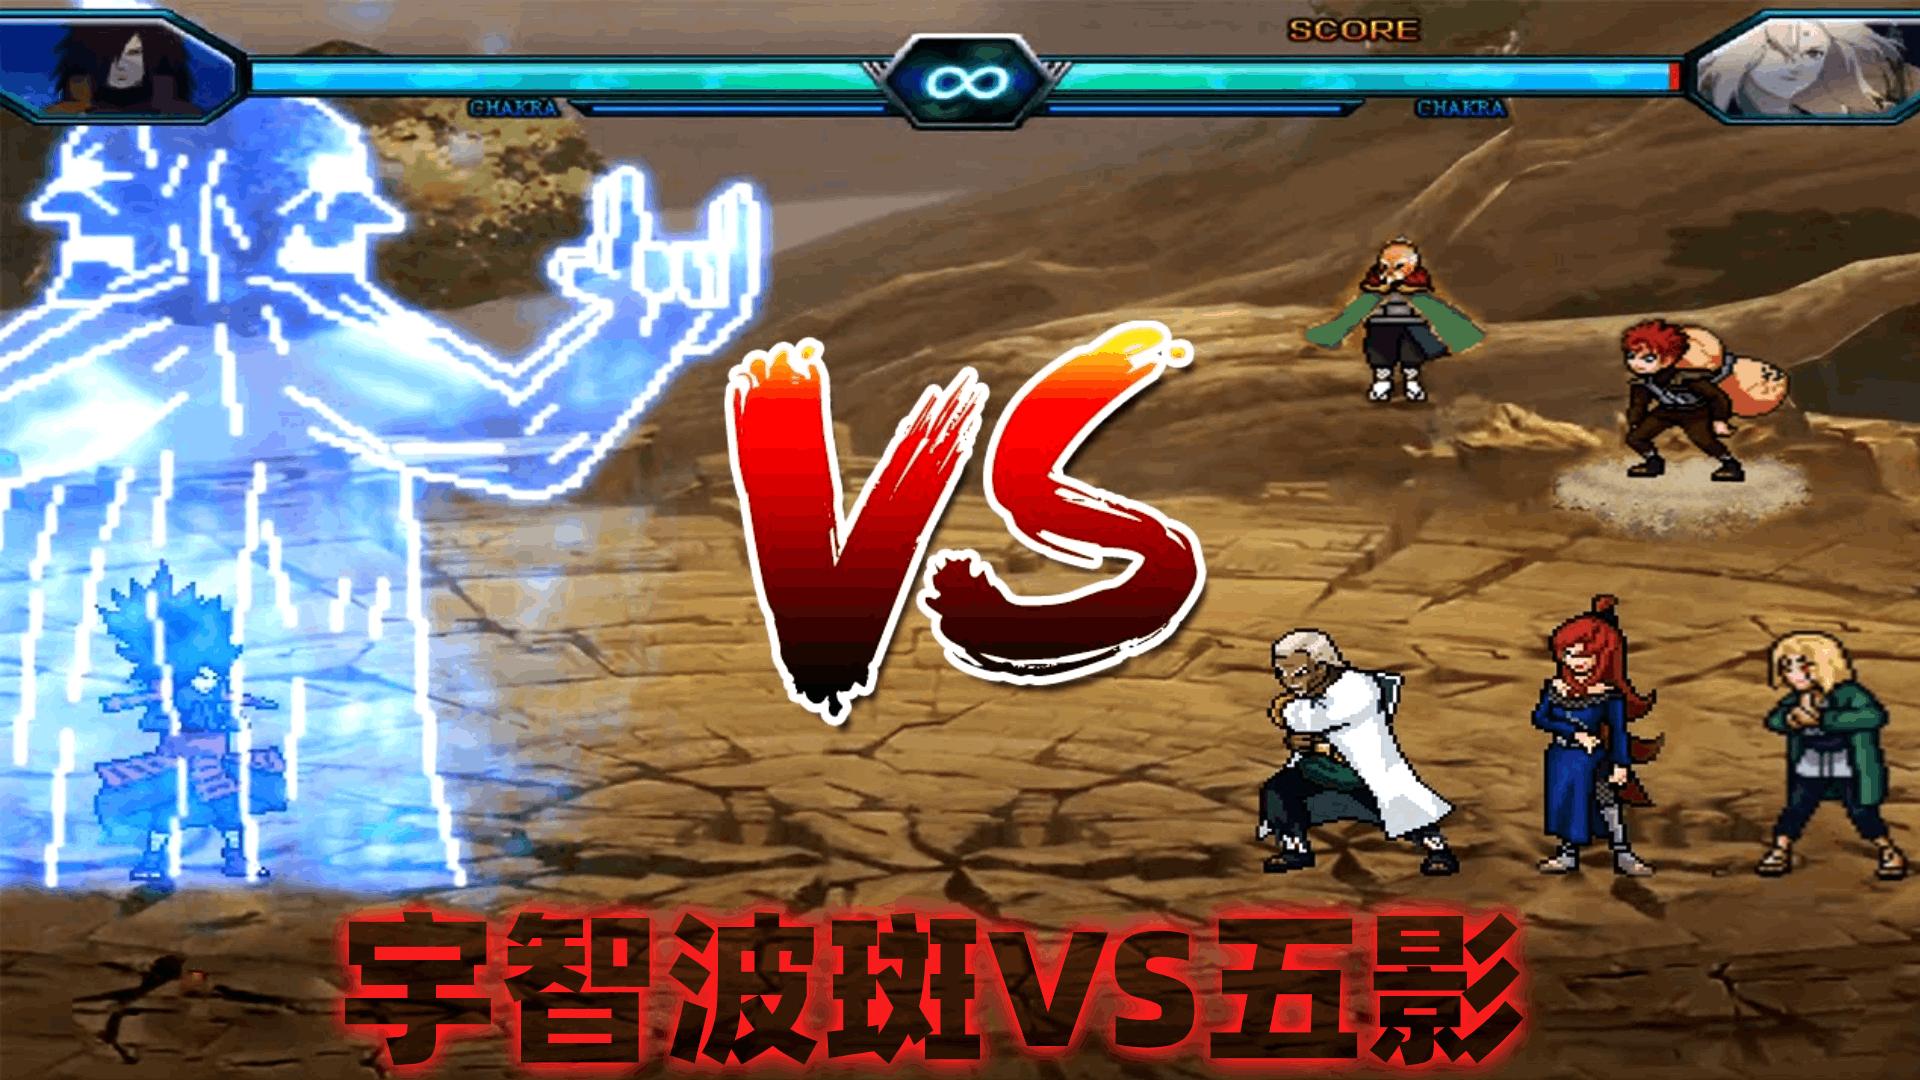 死神VS火影忍者3.3:宇智波斑VS五影!